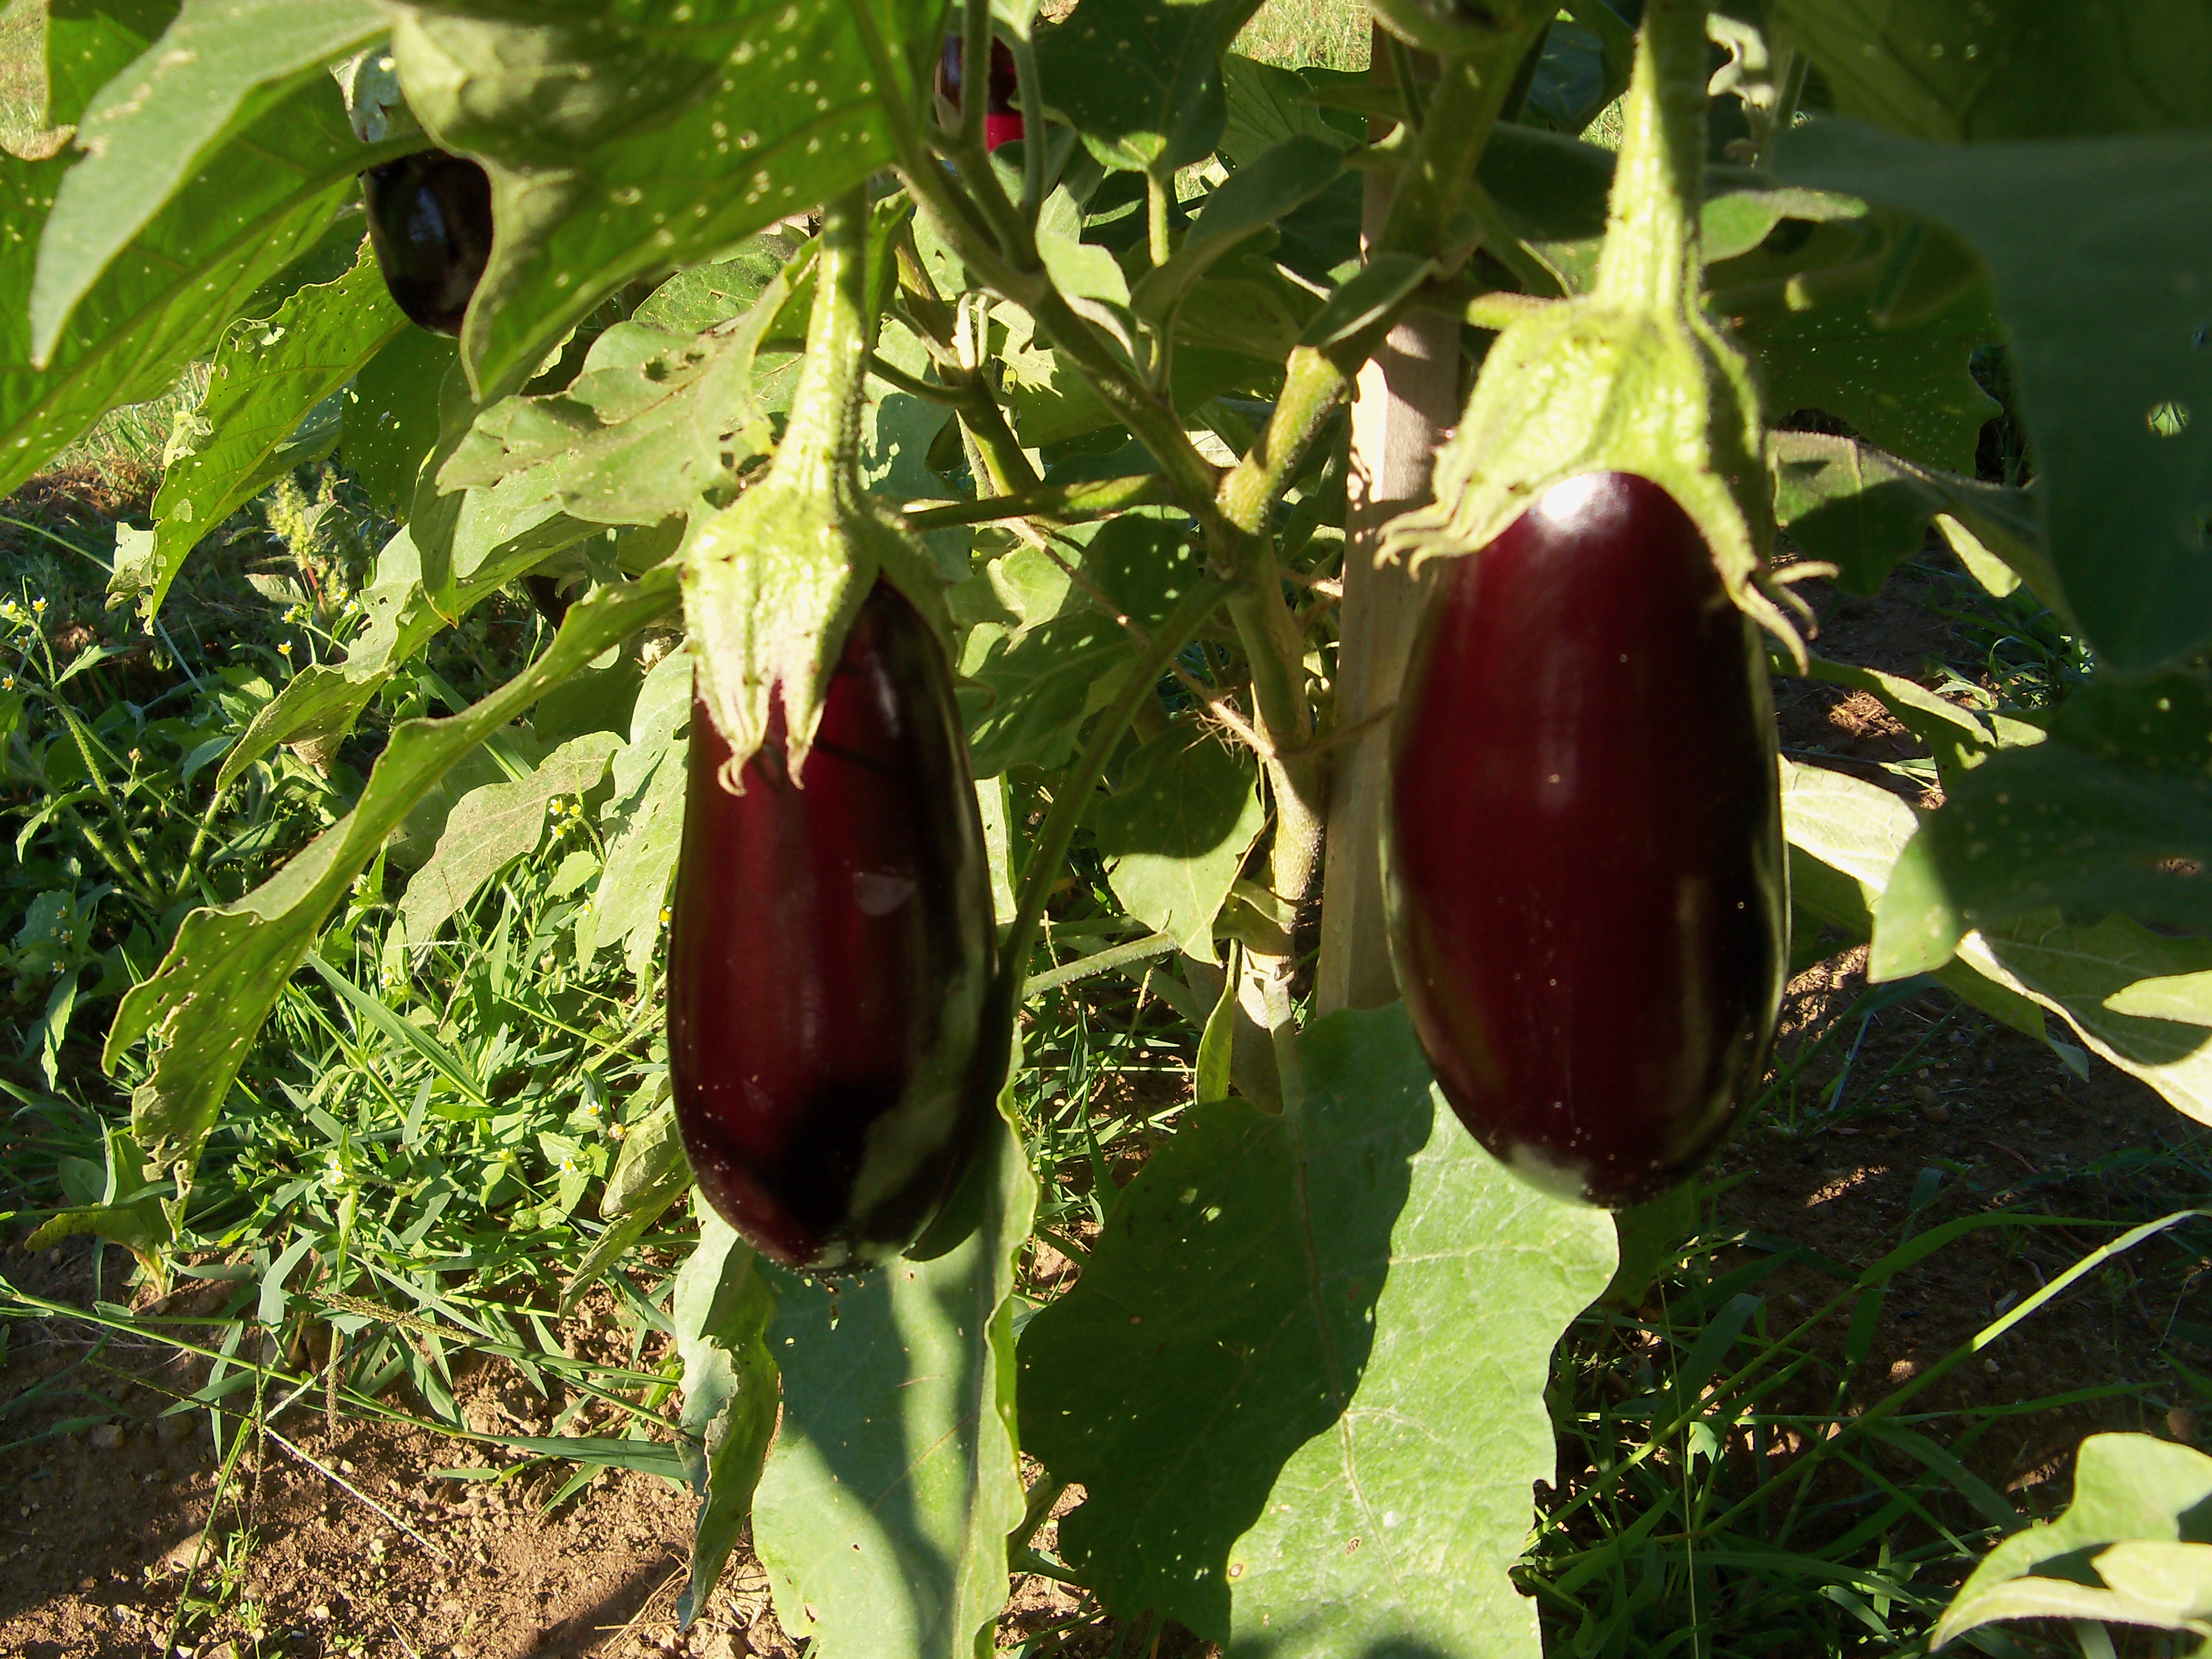 Organic eggplants photo